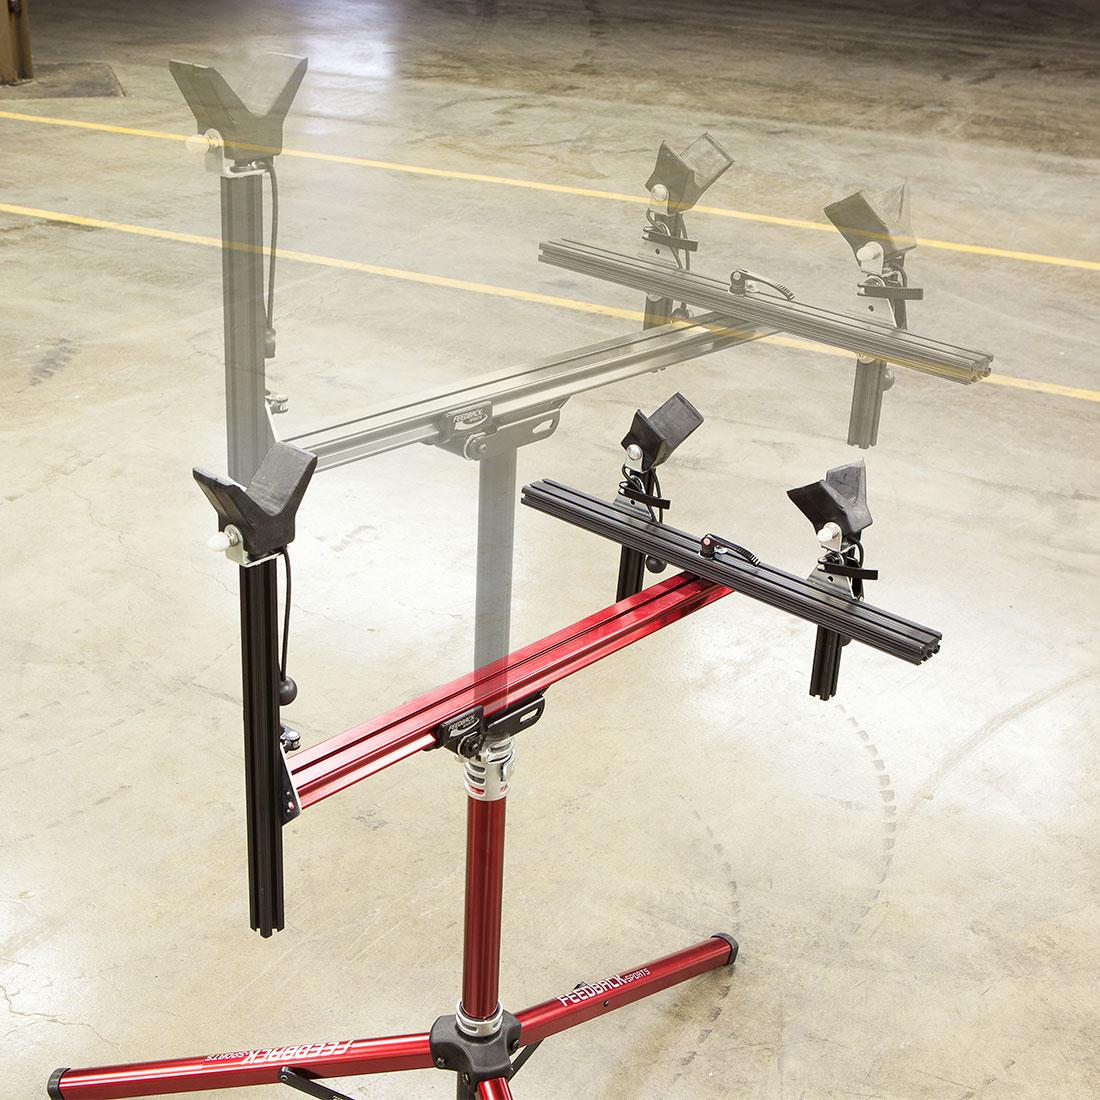 tri-cycle repair stand